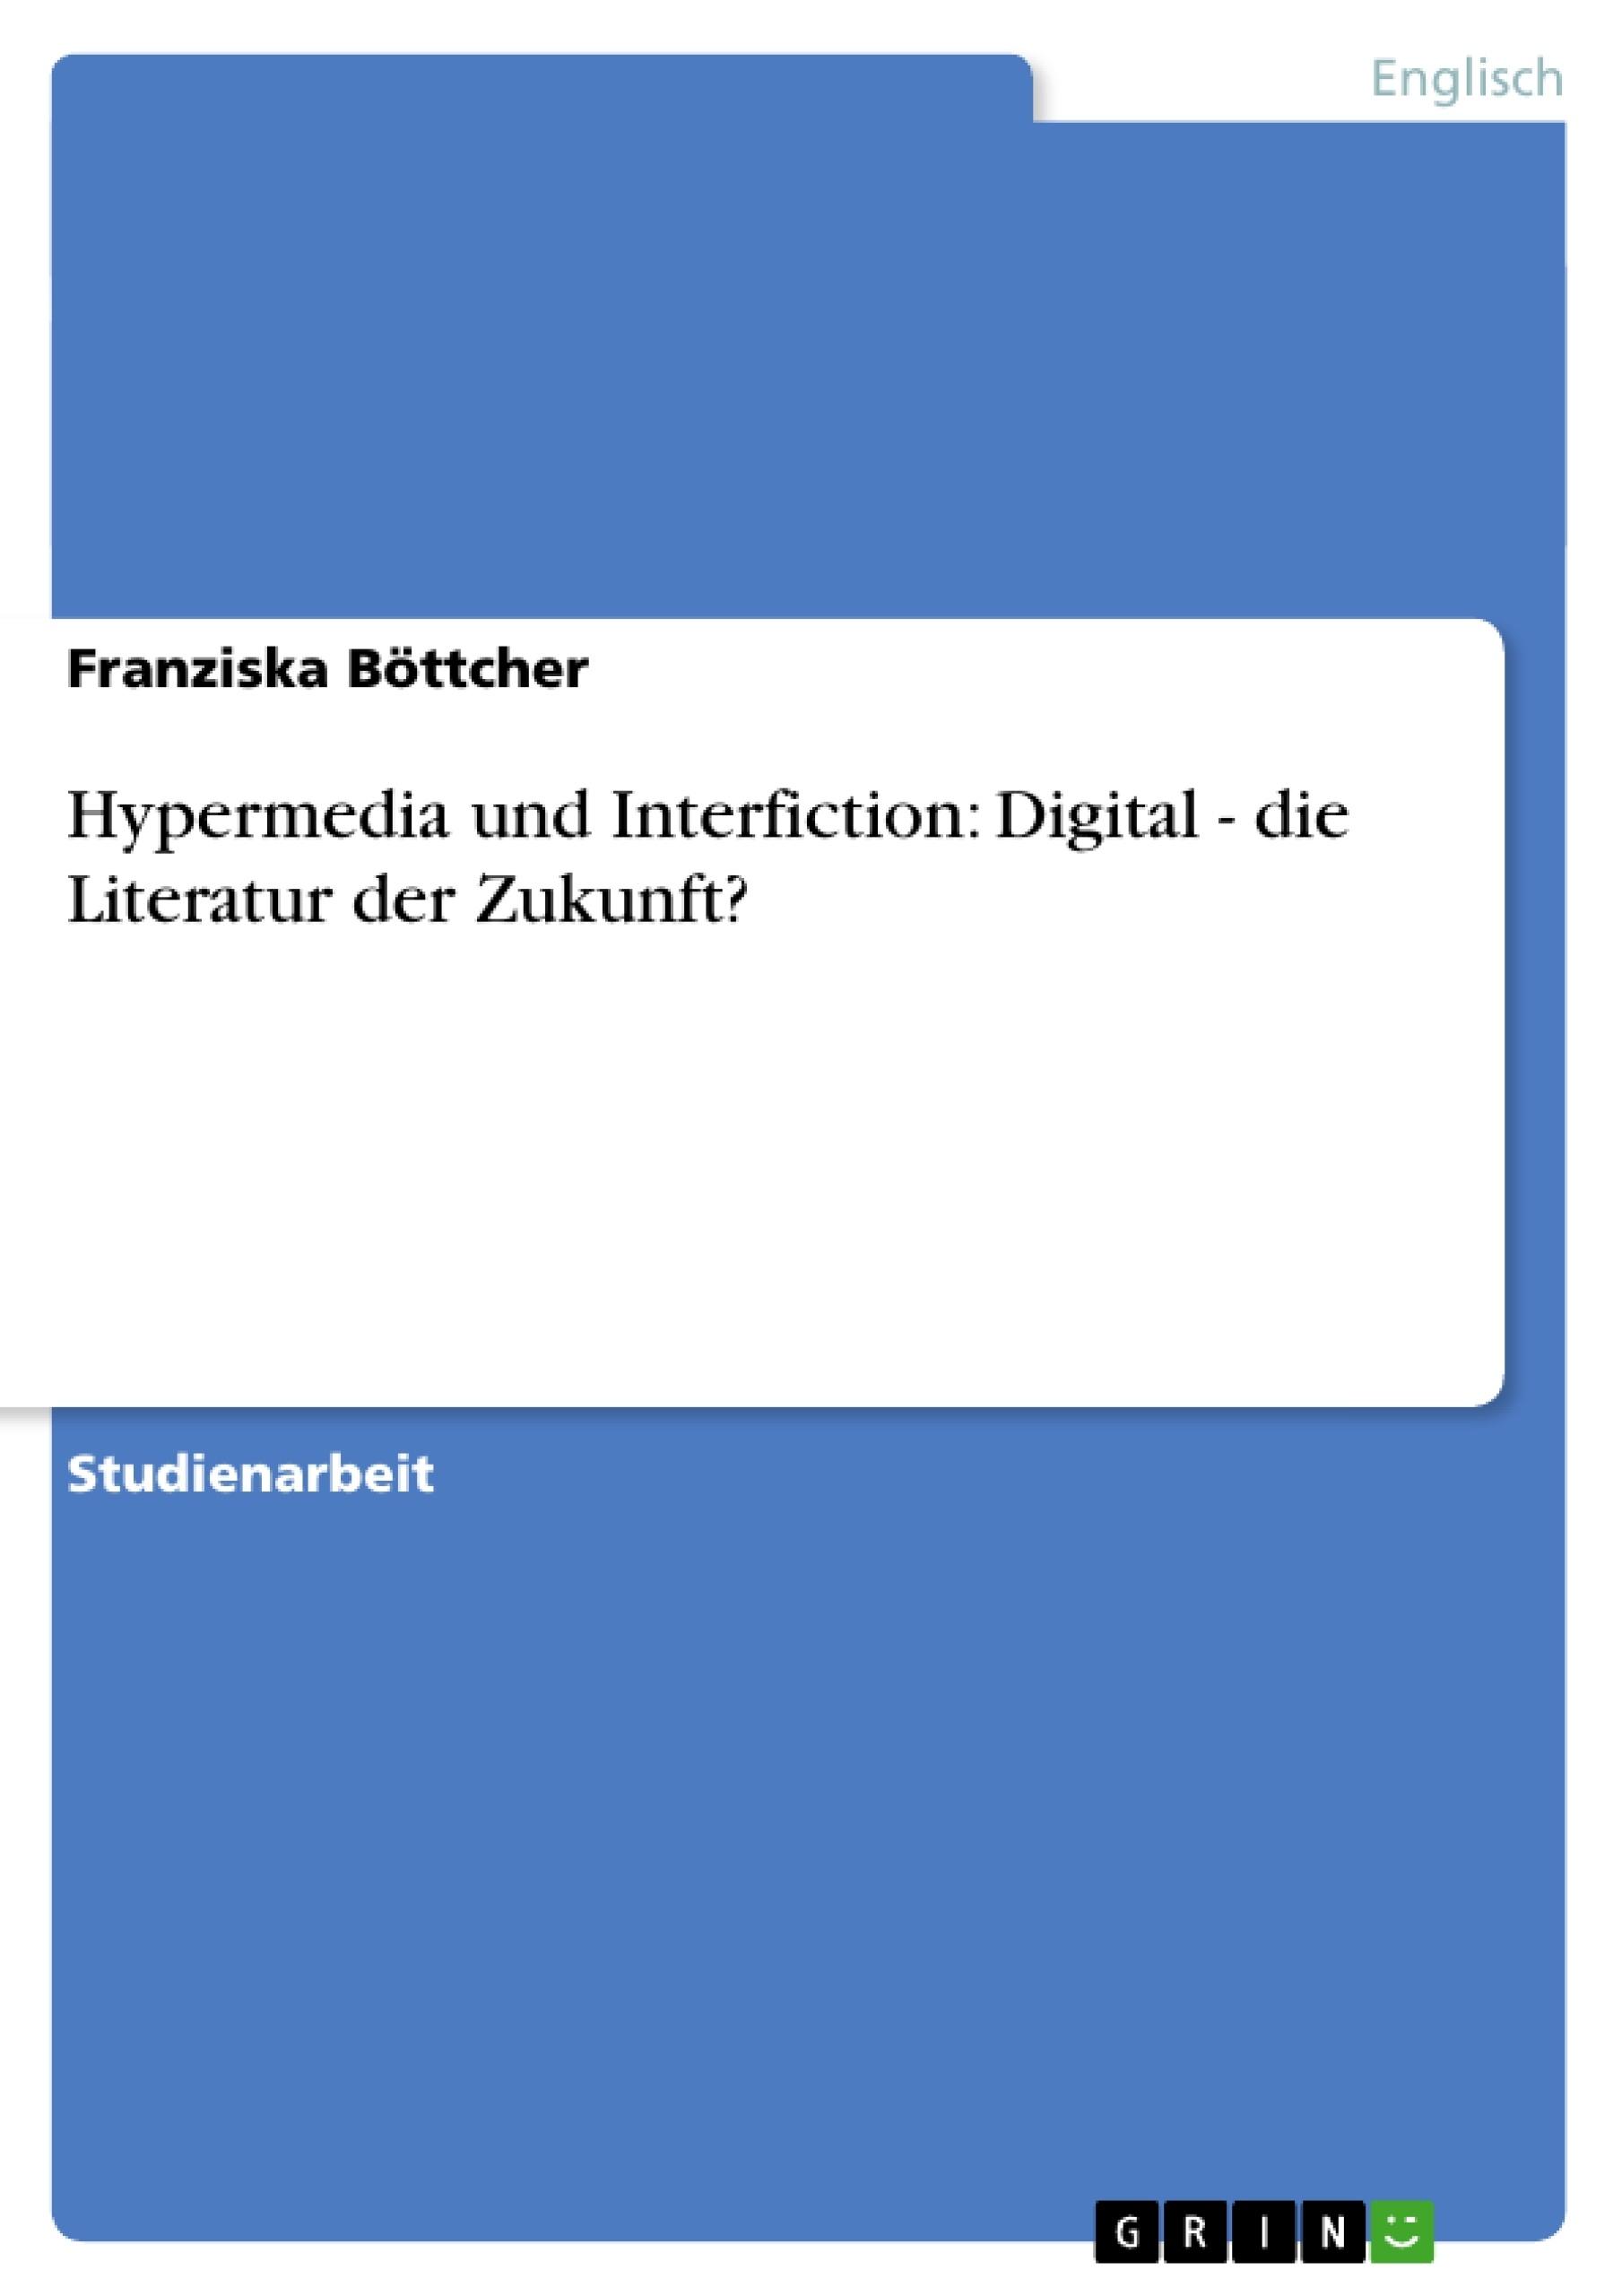 Titel: Hypermedia und Interfiction: Digital - die Literatur der Zukunft?